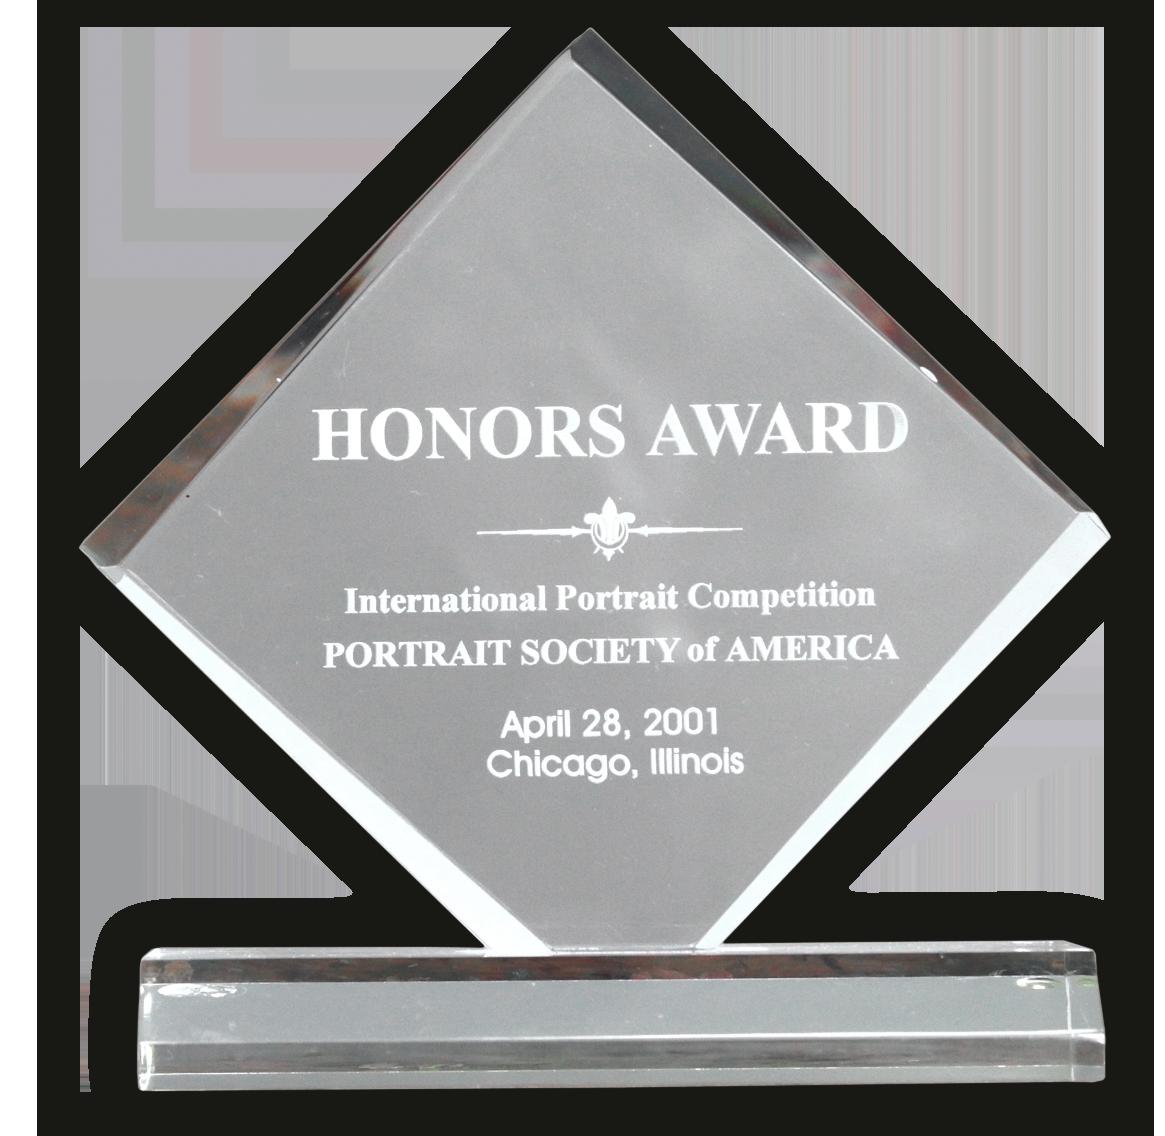 honors-award-1-1